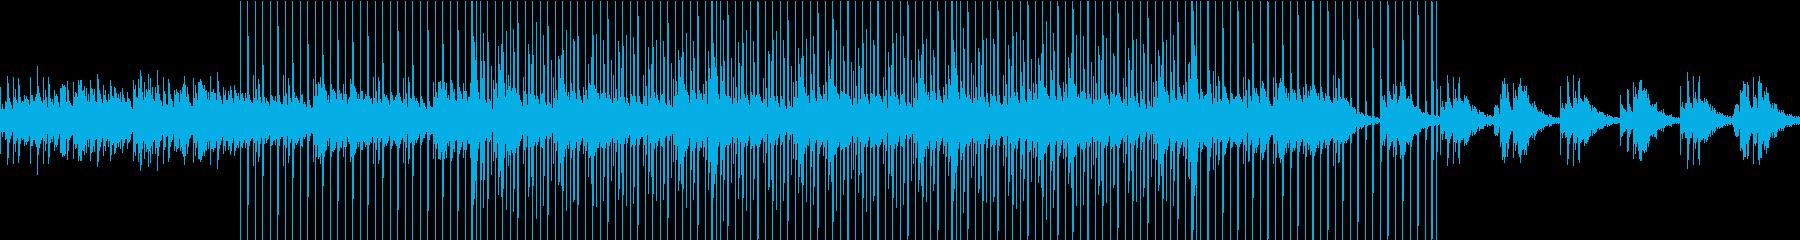 【簡単にLOOPできる】深刻な感じの曲の再生済みの波形